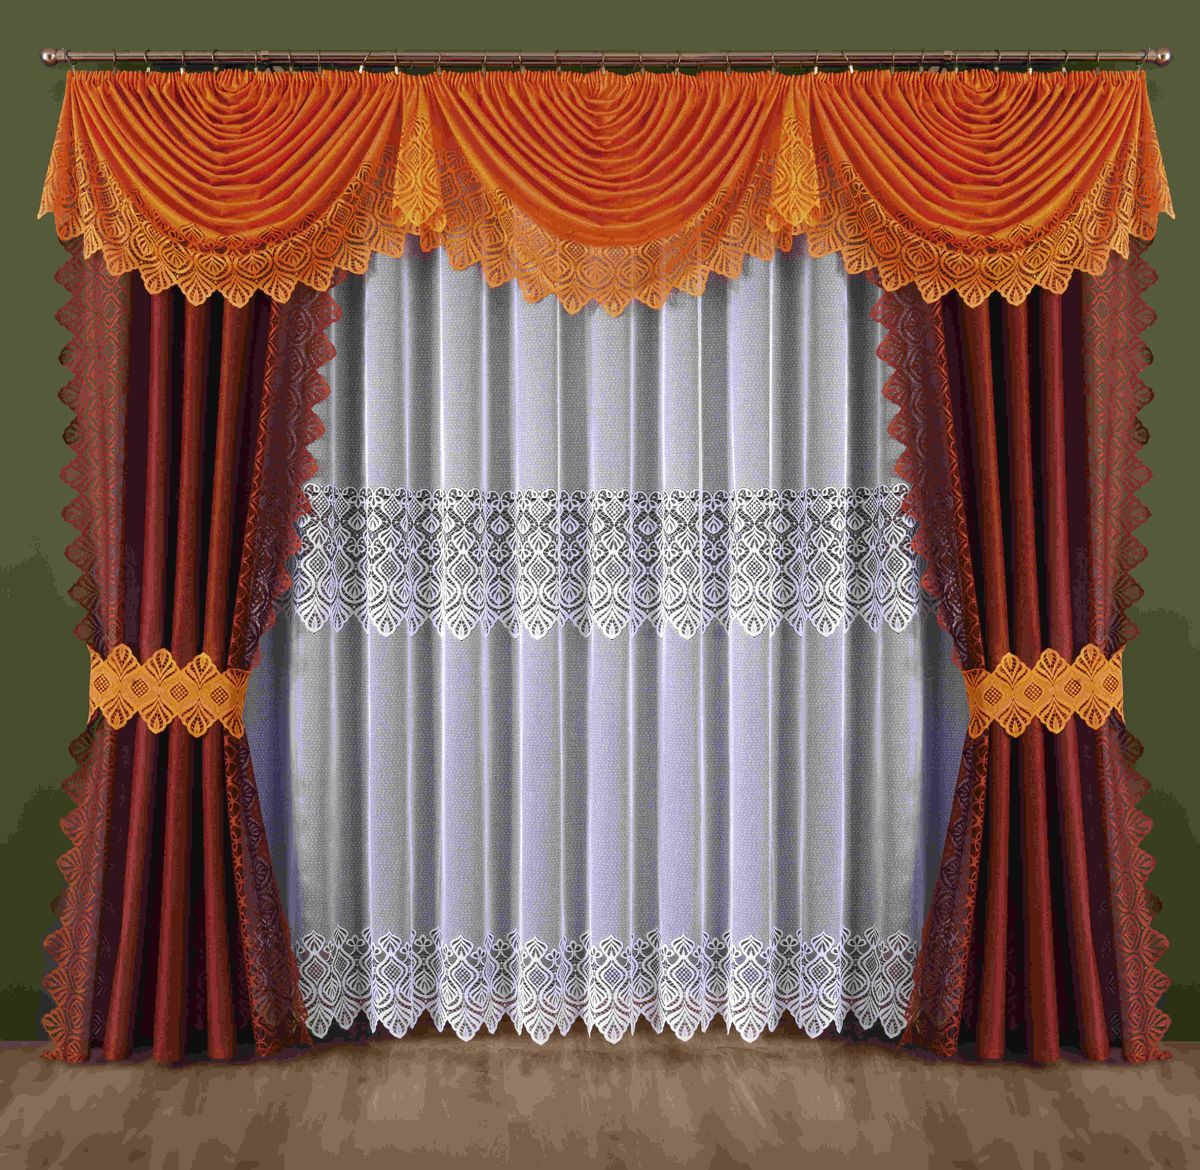 Комплект штор Wisan Mira, на ленте, цвет: оранжевый, бордовый, высота 250 см шторы интерьерные wisan комплект штор для кухни